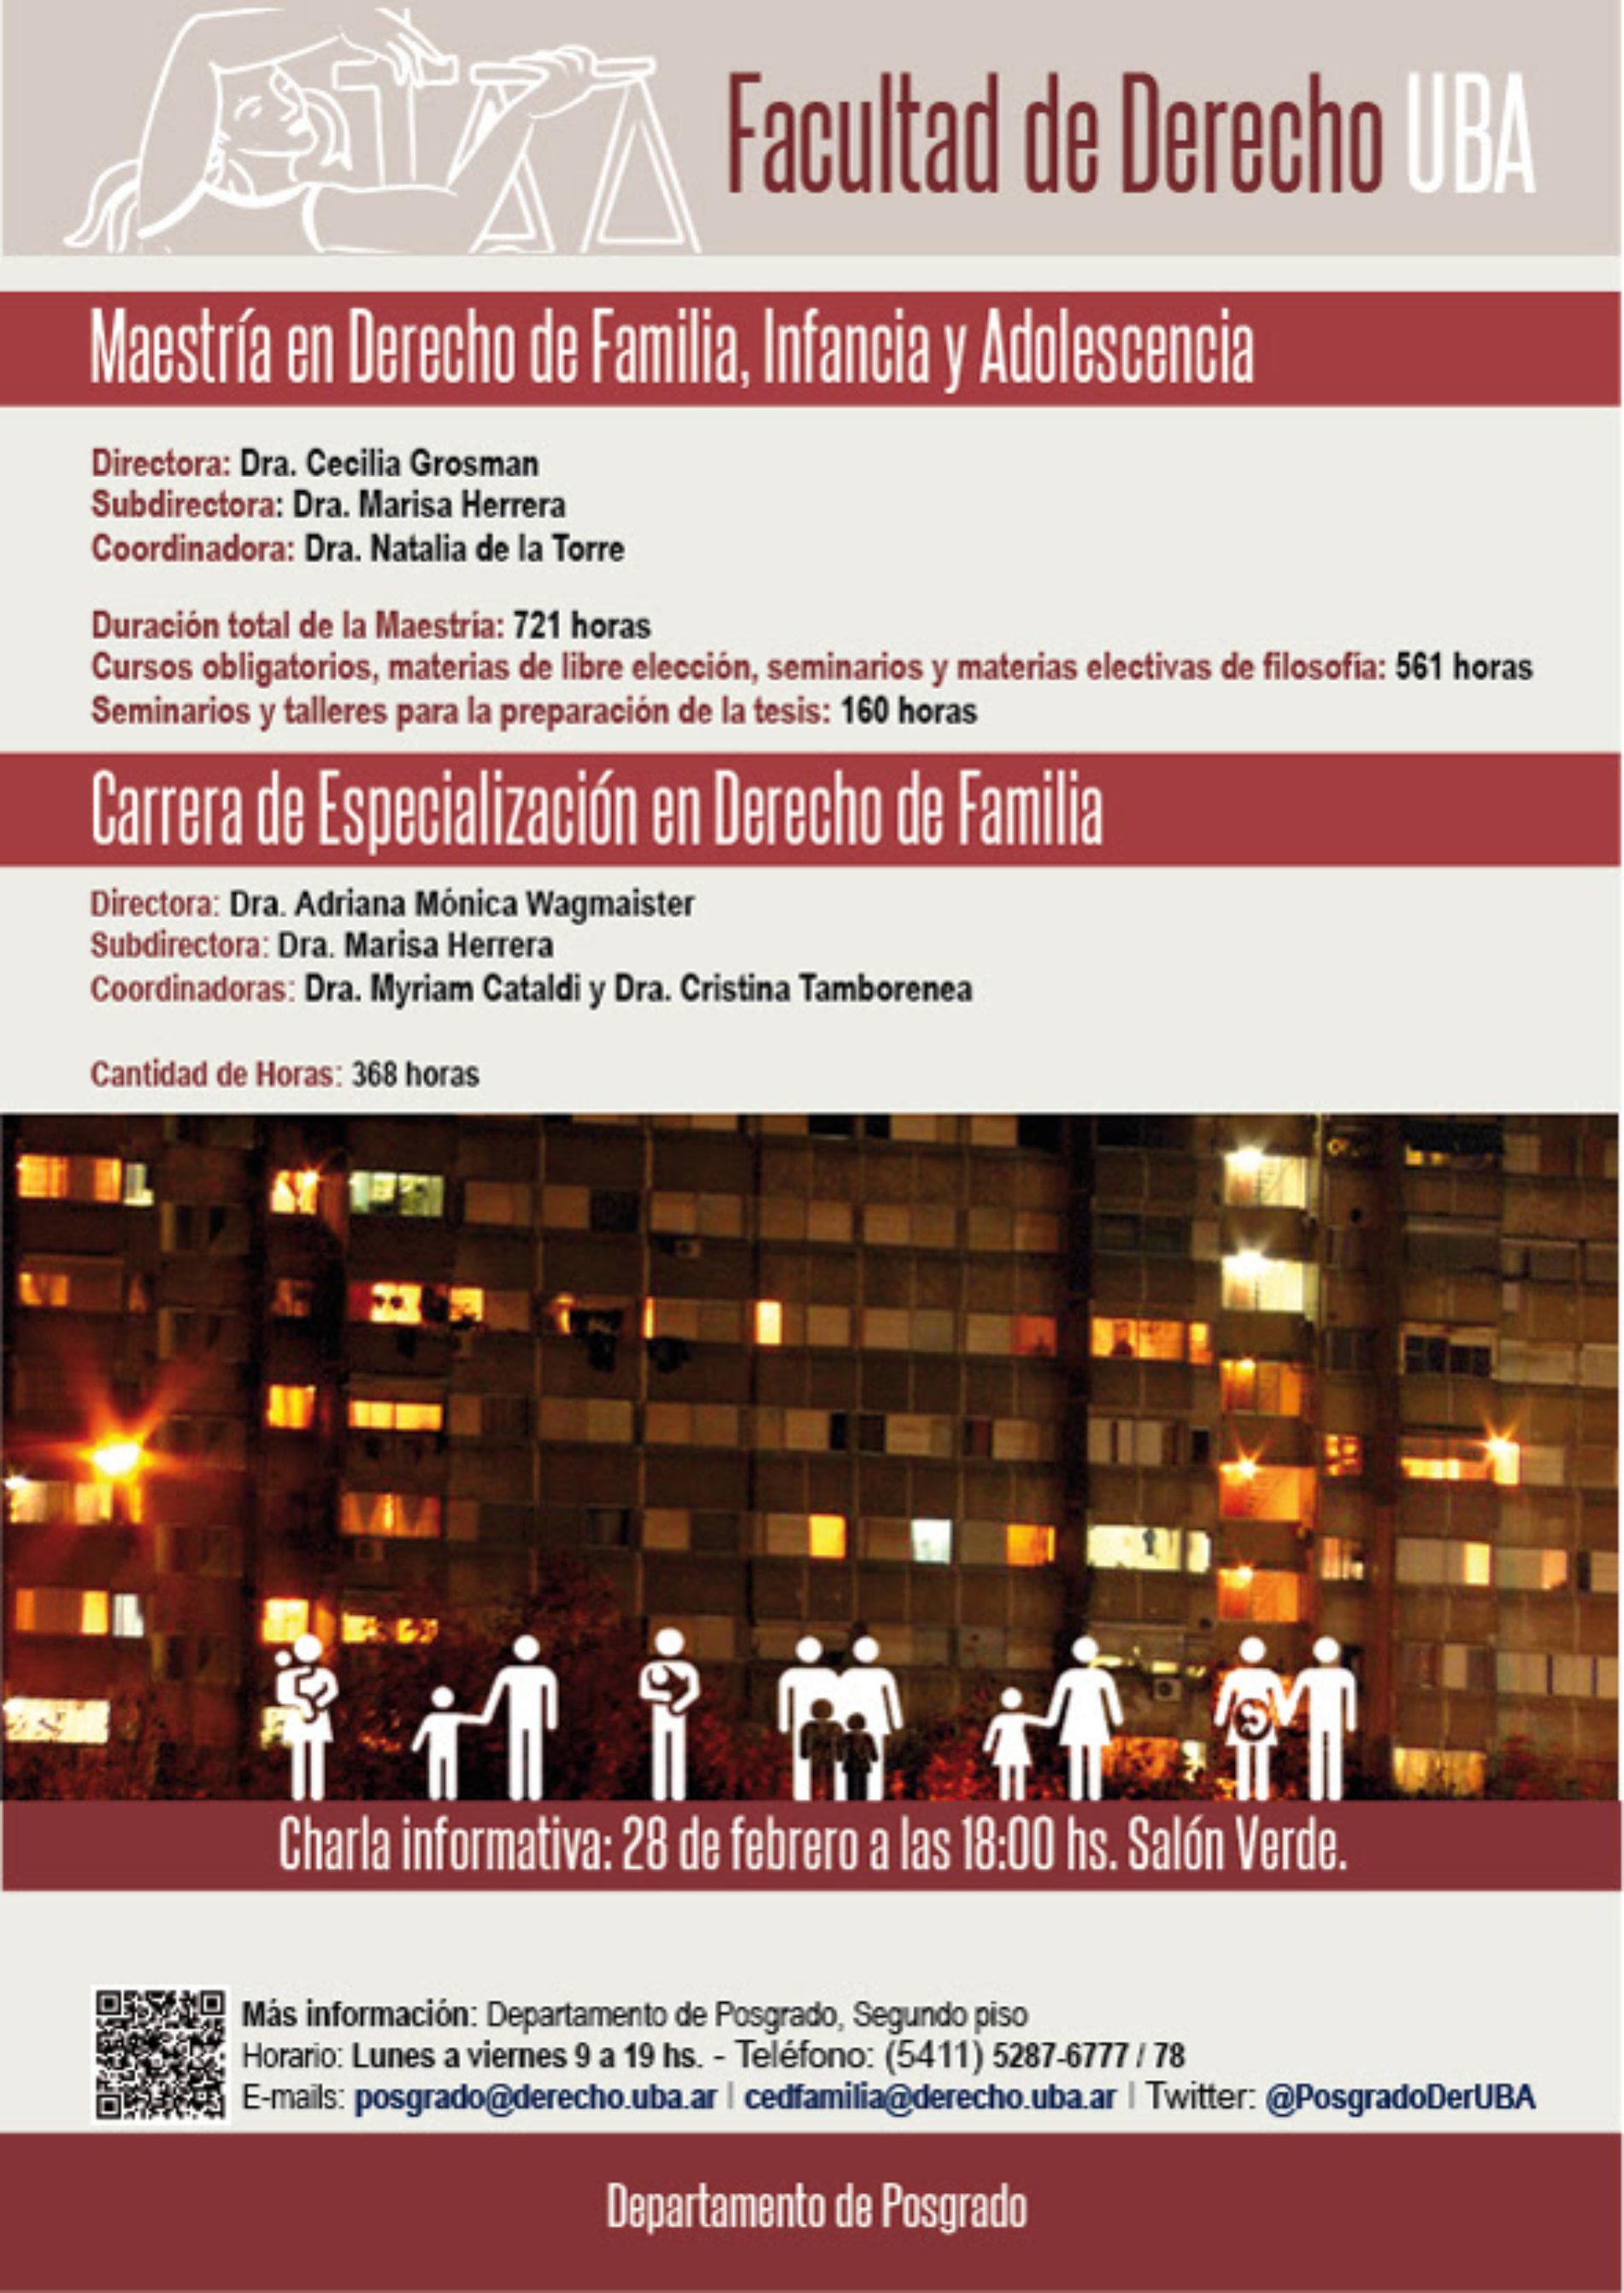 «Charla informativa de la Maestría en Derecho de Familia, Infancia y Adolescencia y de la Carrera de especialización en Derecho de Familia»